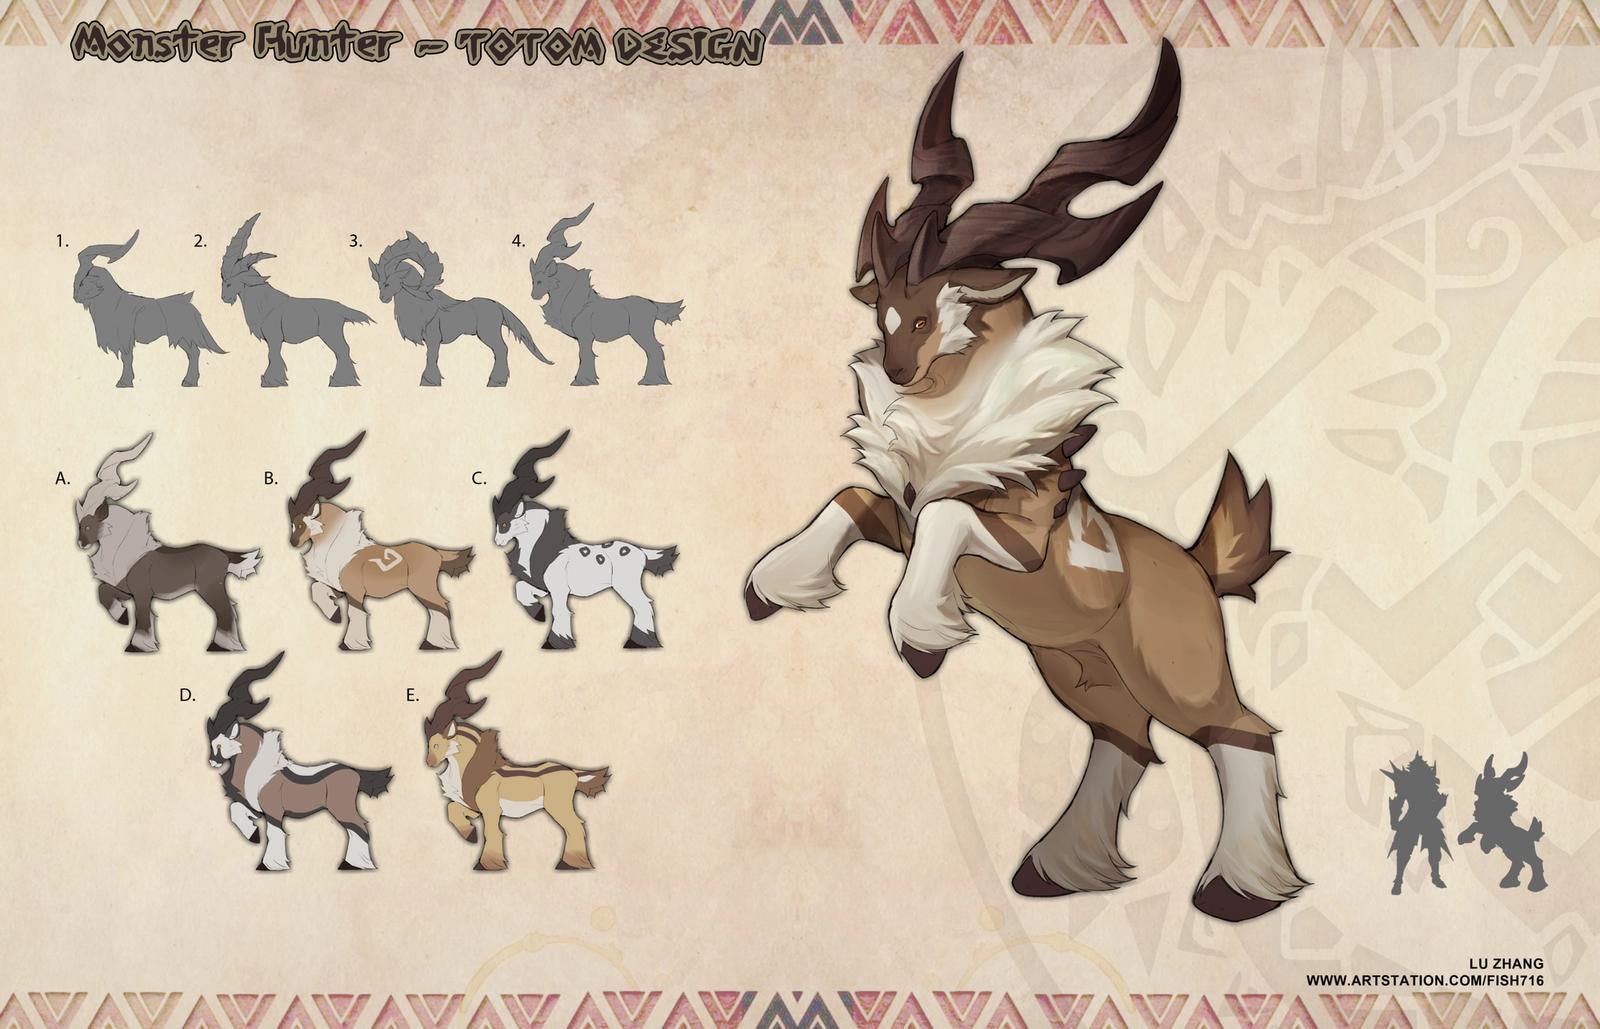 Monster Hunter - Totom